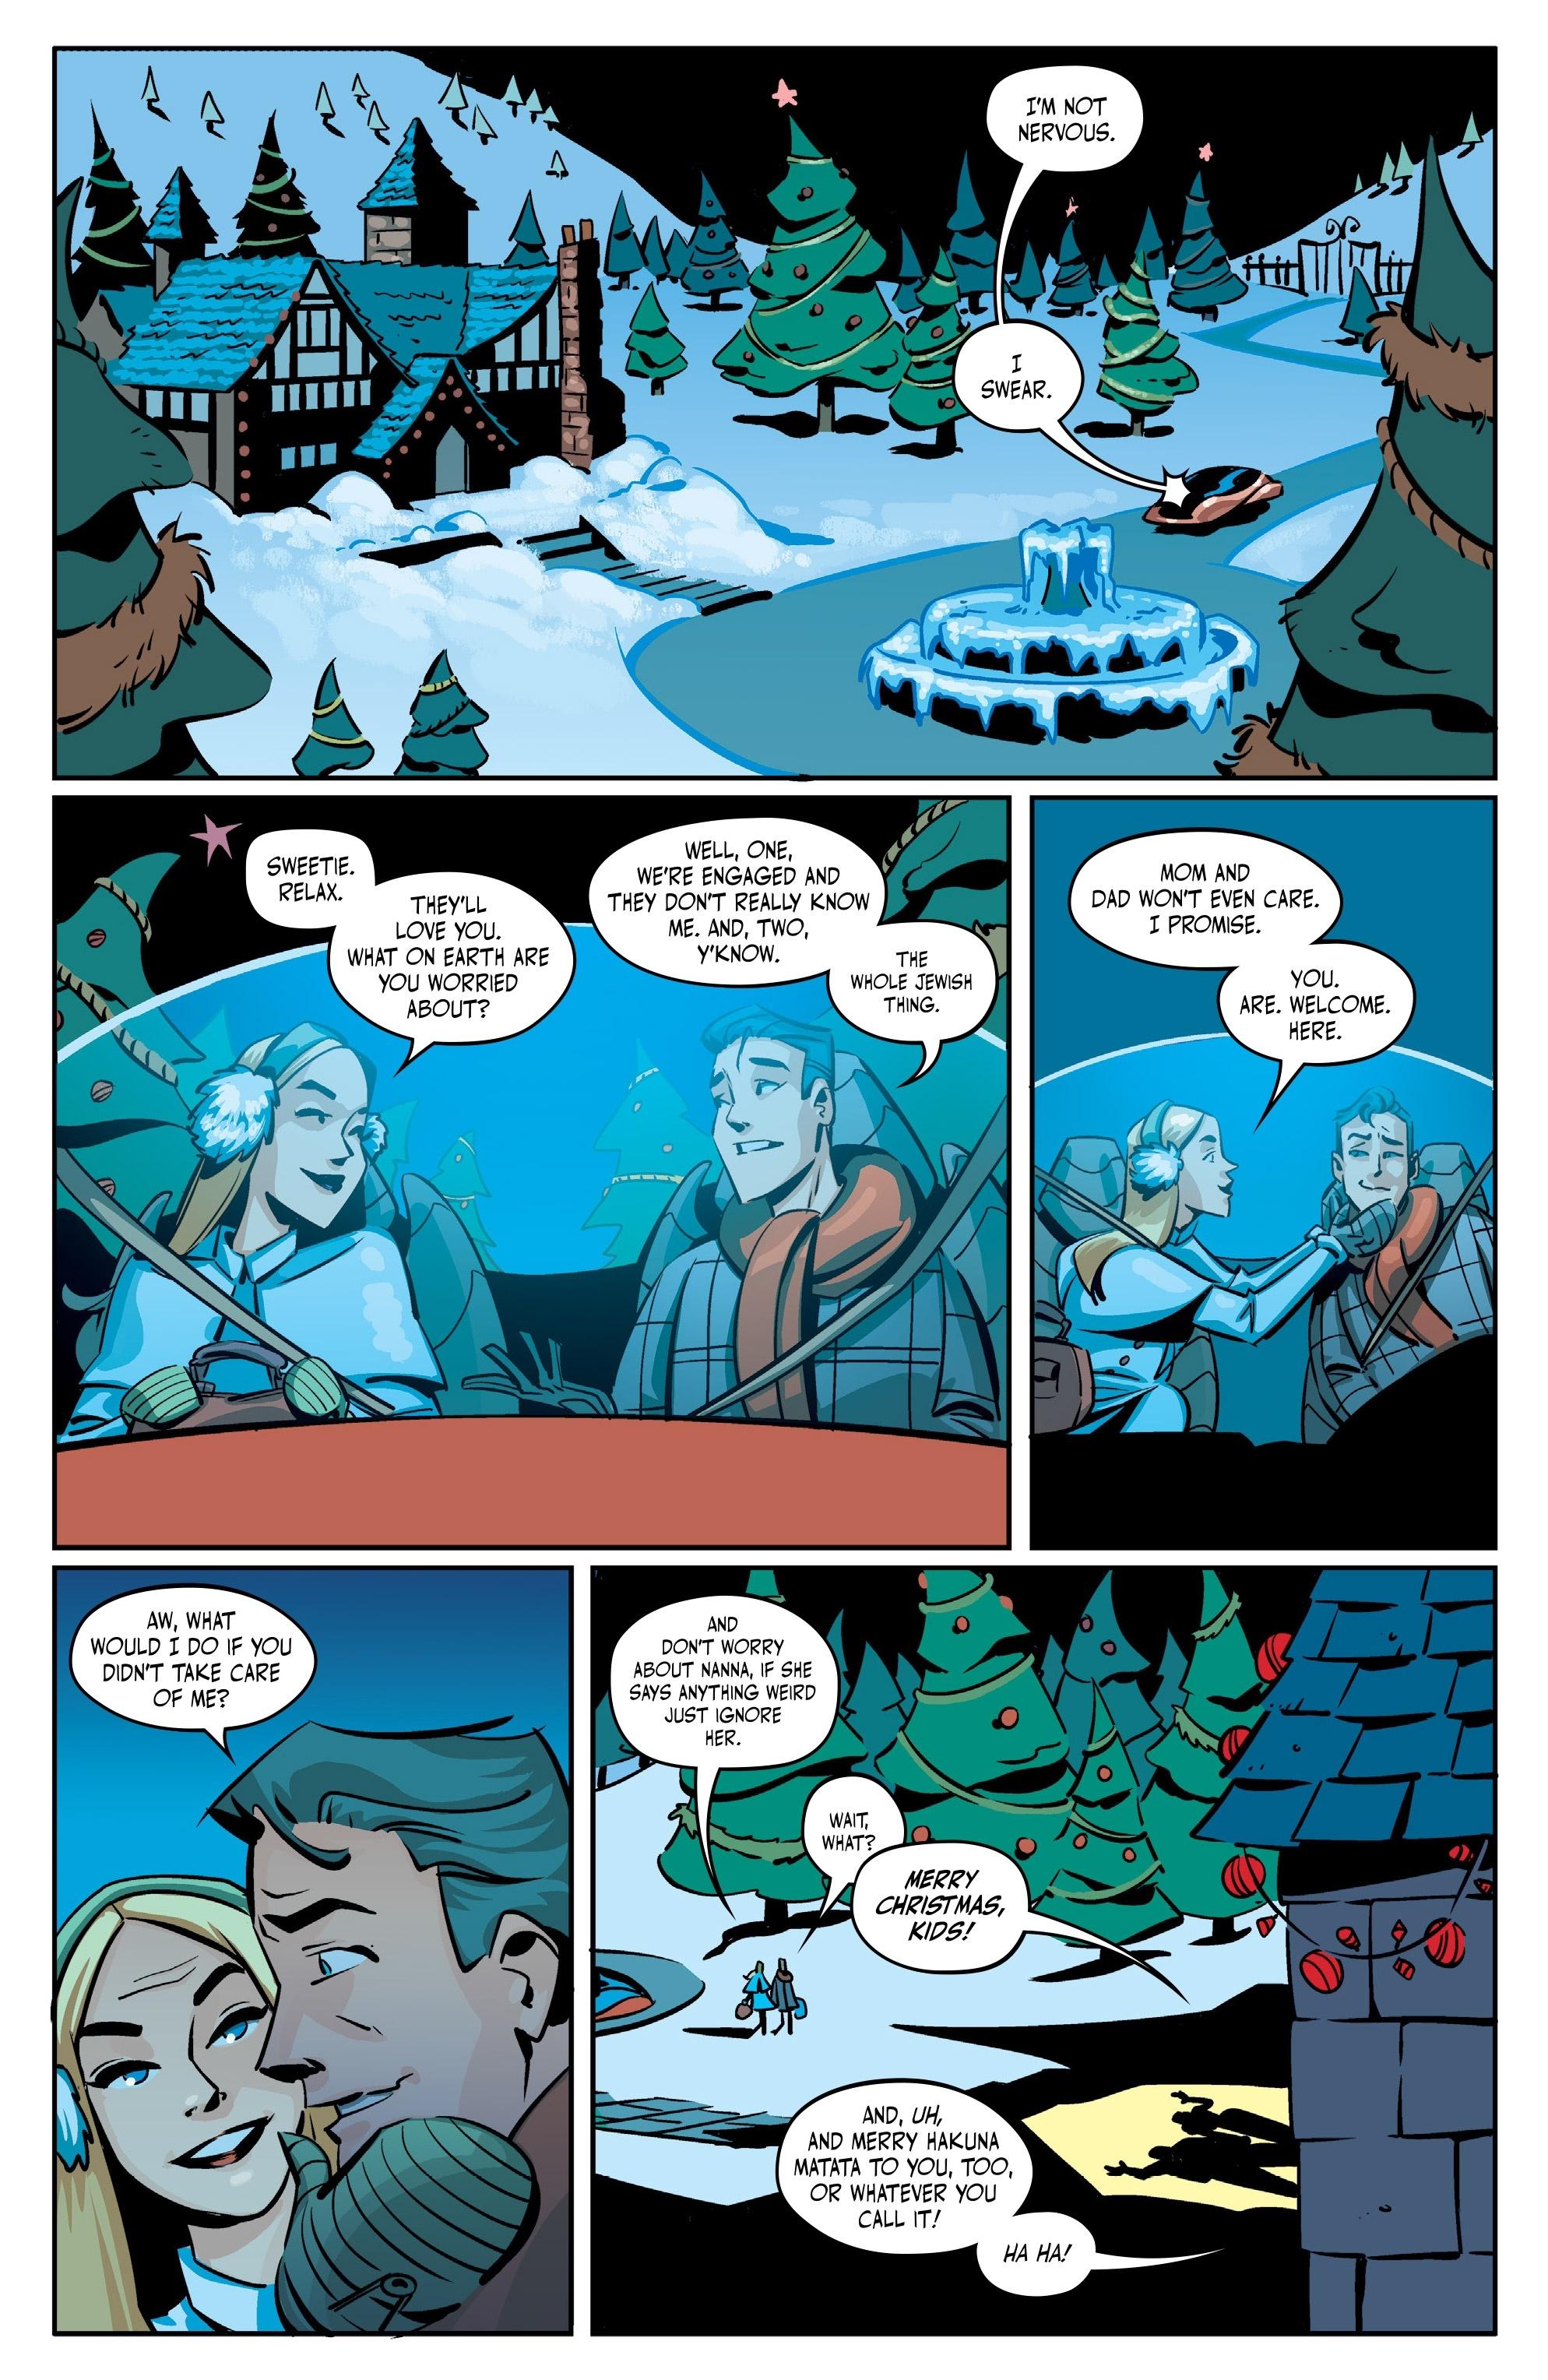 婊子星球:三重特征(2017): Chapter 5 - Page 婊子星球:三重特征(2017)